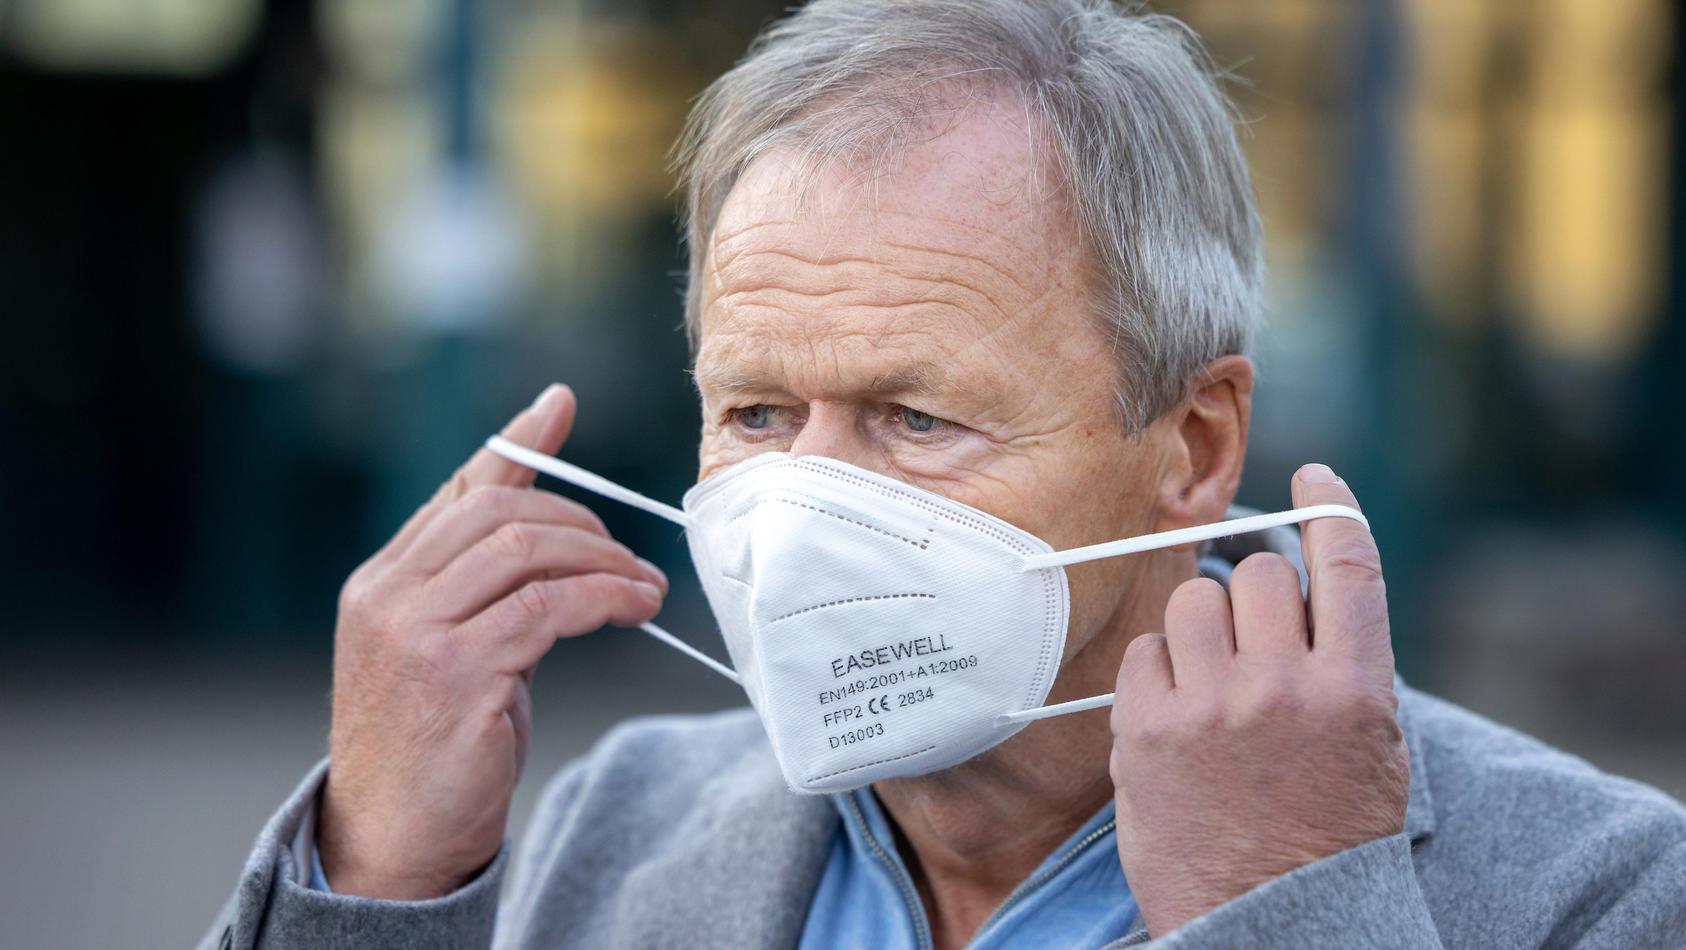 Der Landrat von Hildburghausen, Thomas Müller,  verhängt wegen der steigenden Corona-Infektionszahlen einen regionalen Lockdown im Landkreis.